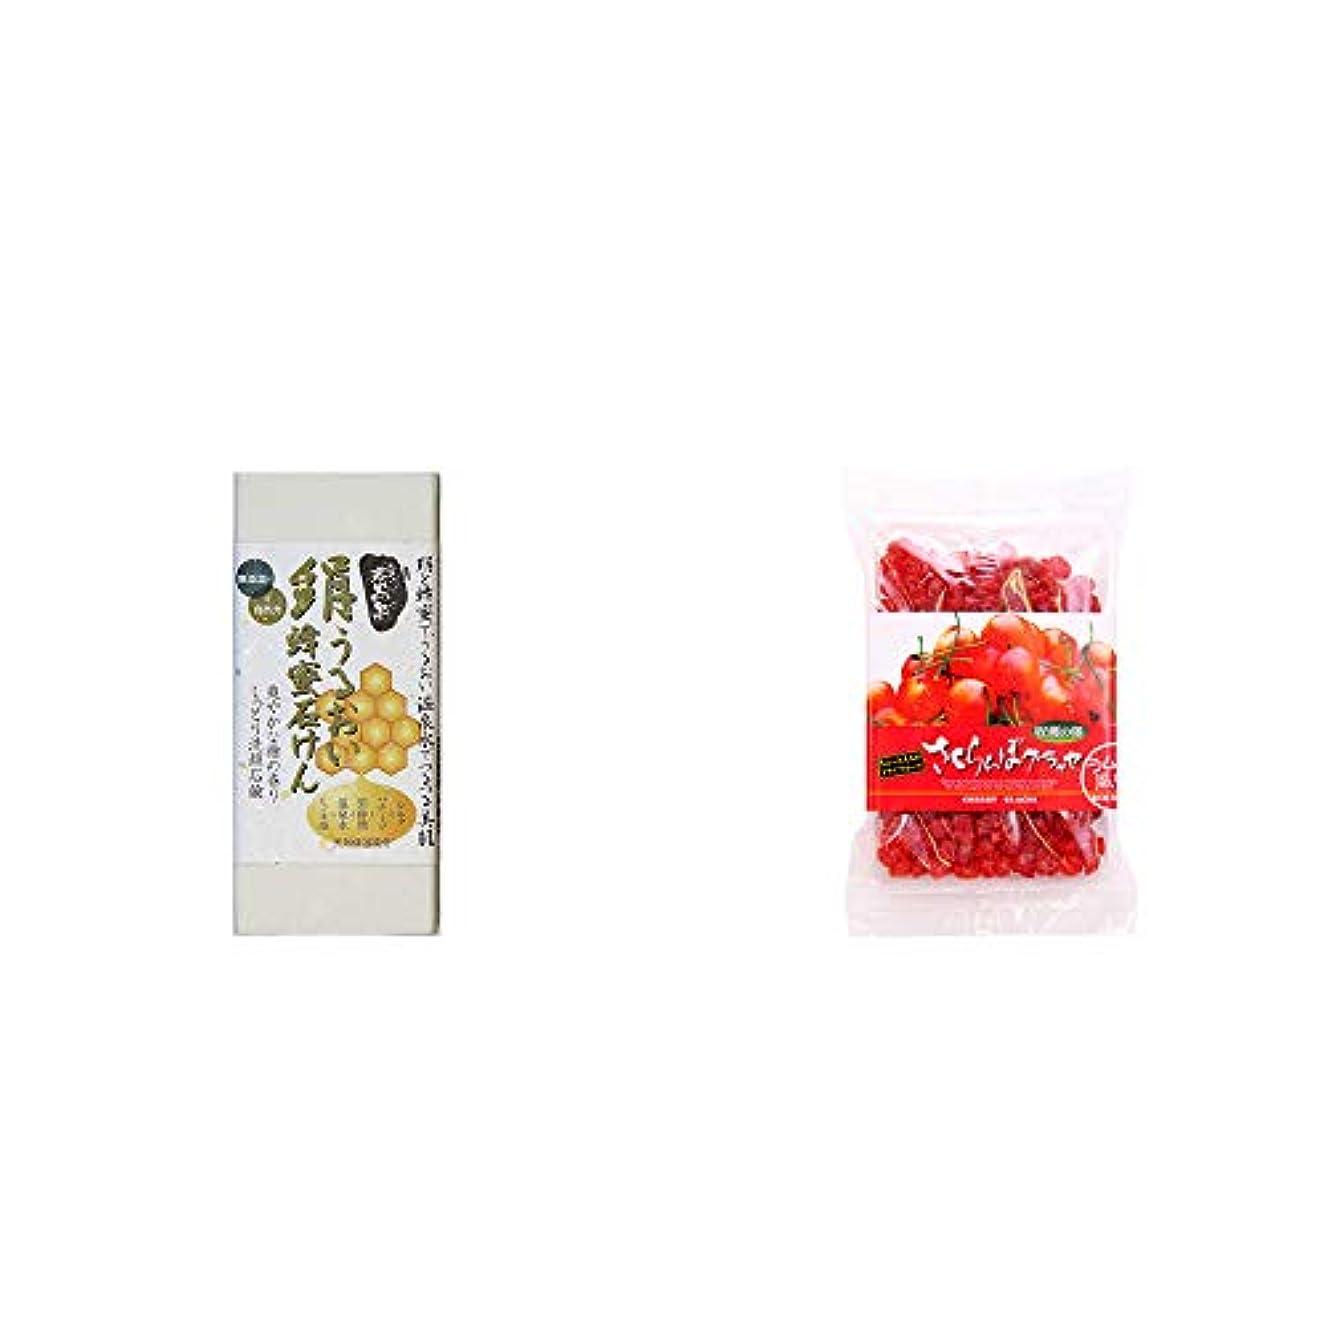 密ブローホール松の木[2点セット] ひのき炭黒泉 絹うるおい蜂蜜石けん(75g×2)?収穫の朝 さくらんぼグラッセ ラム酒風味(180g)